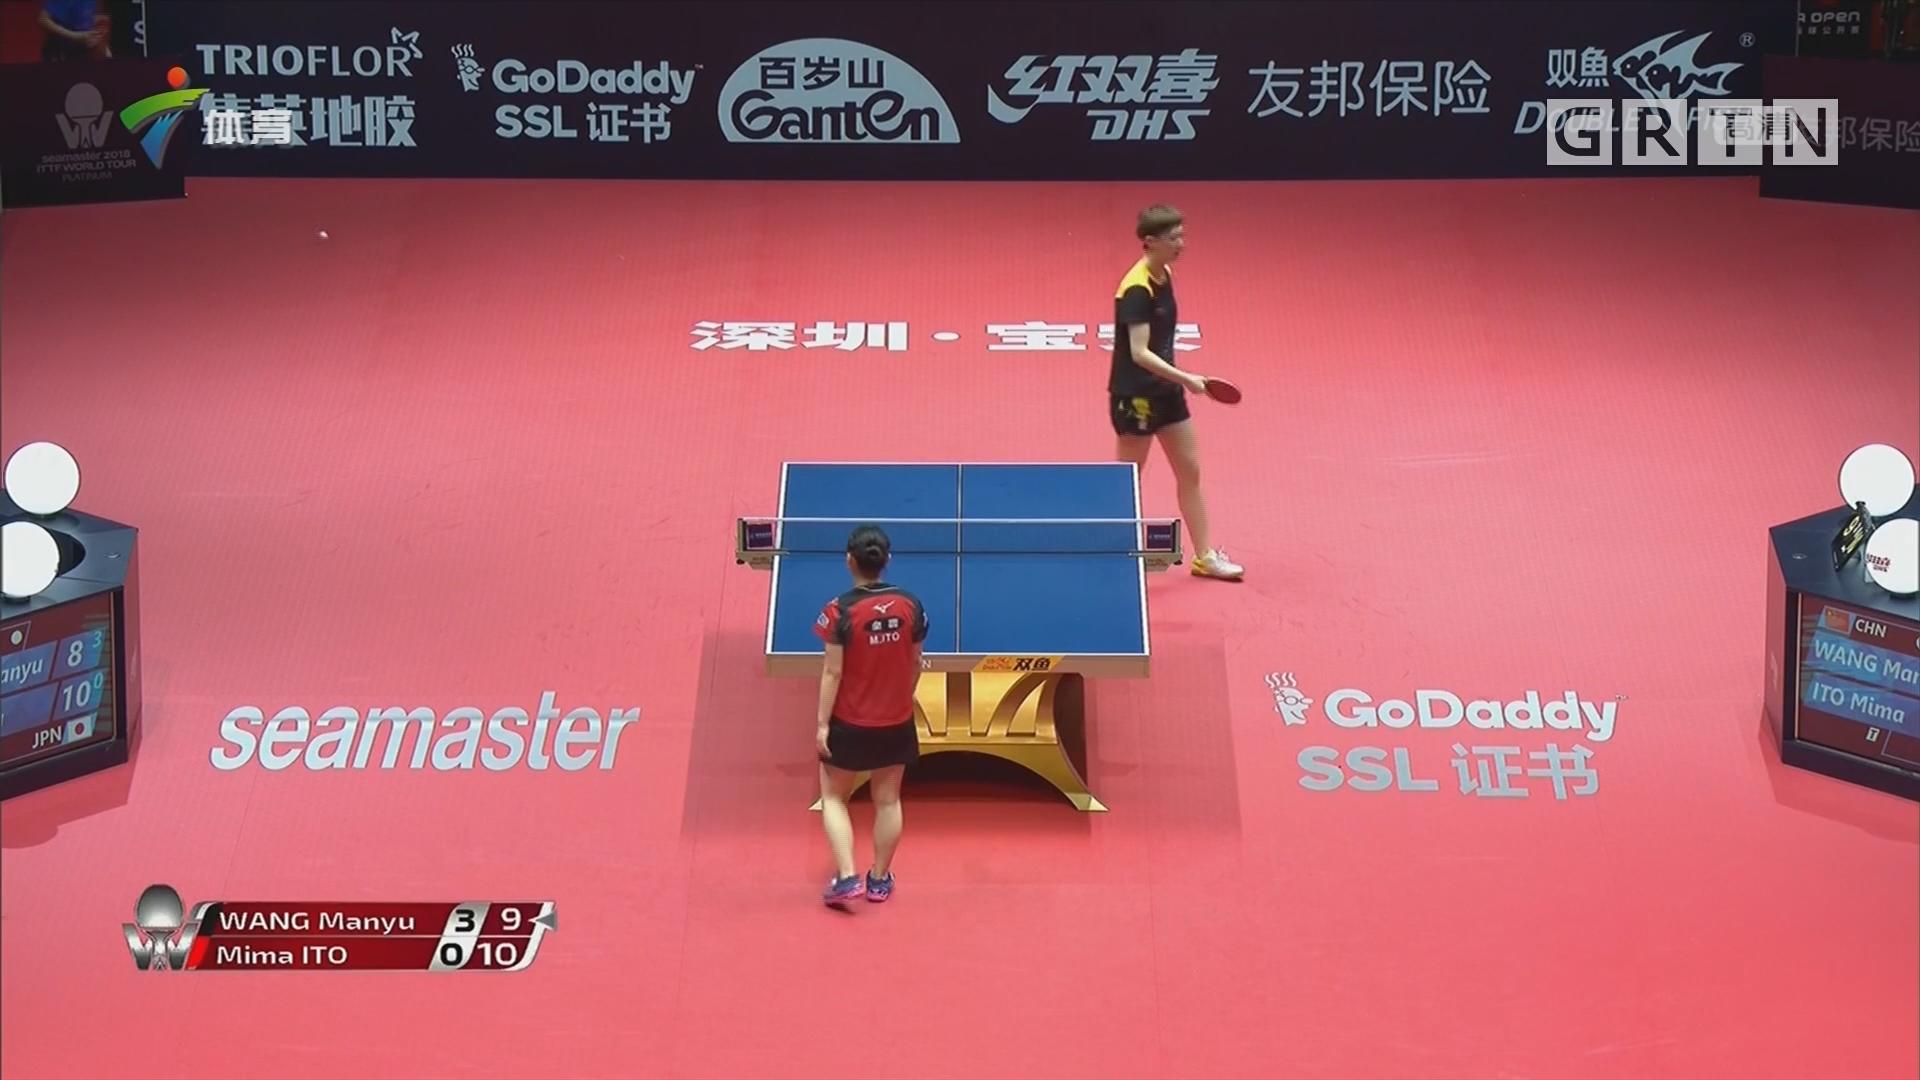 国乒提前锁定中乒赛男女单冠军 林高远、陈幸同赢混双首金